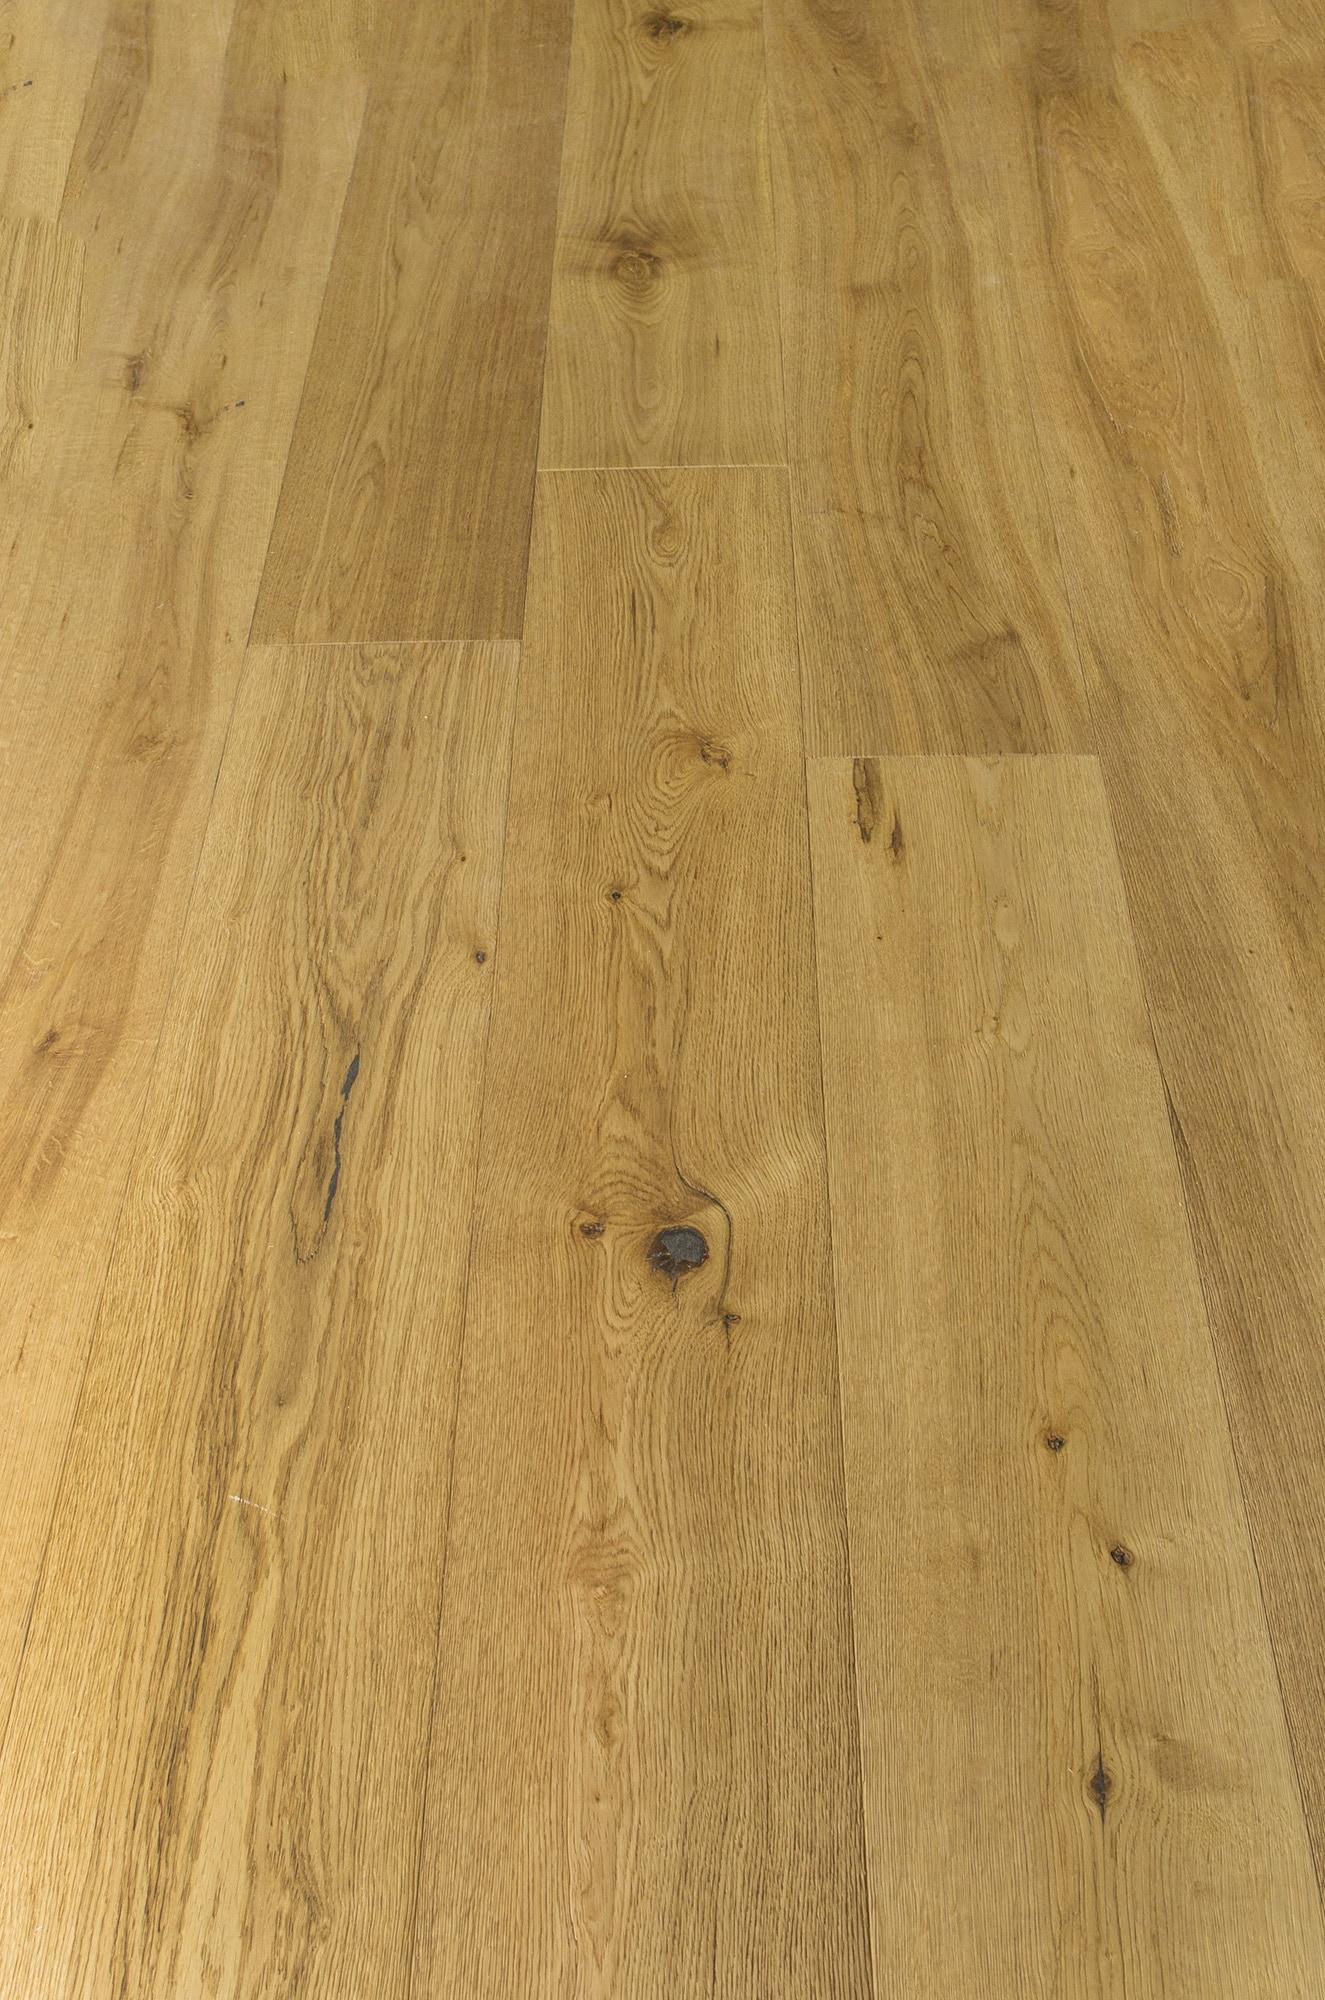 FREE Samples: Vanier Engineered Hardwood - European Long Length ...